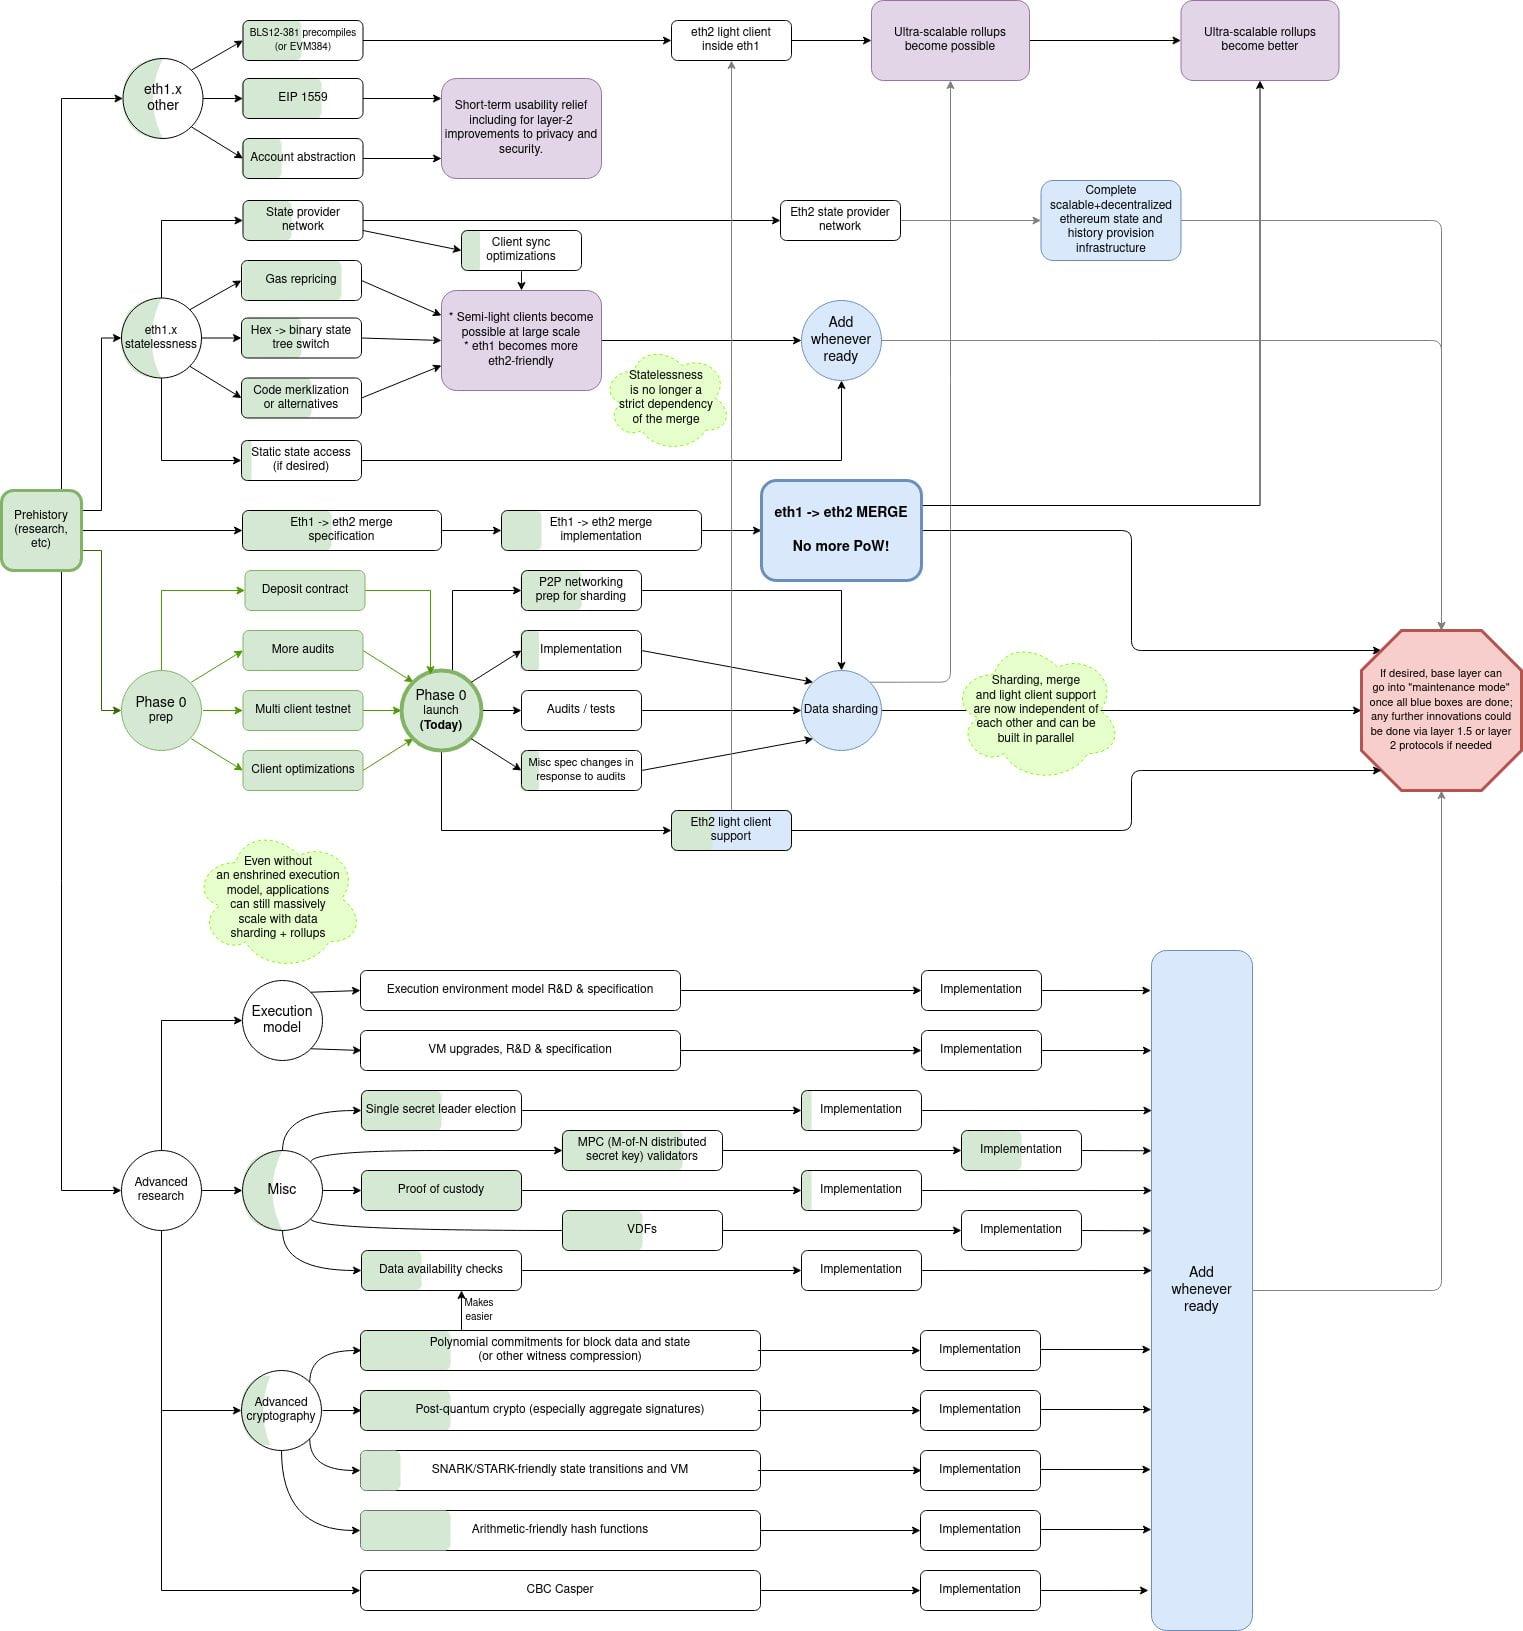 Ethereum 2.0 roadmap